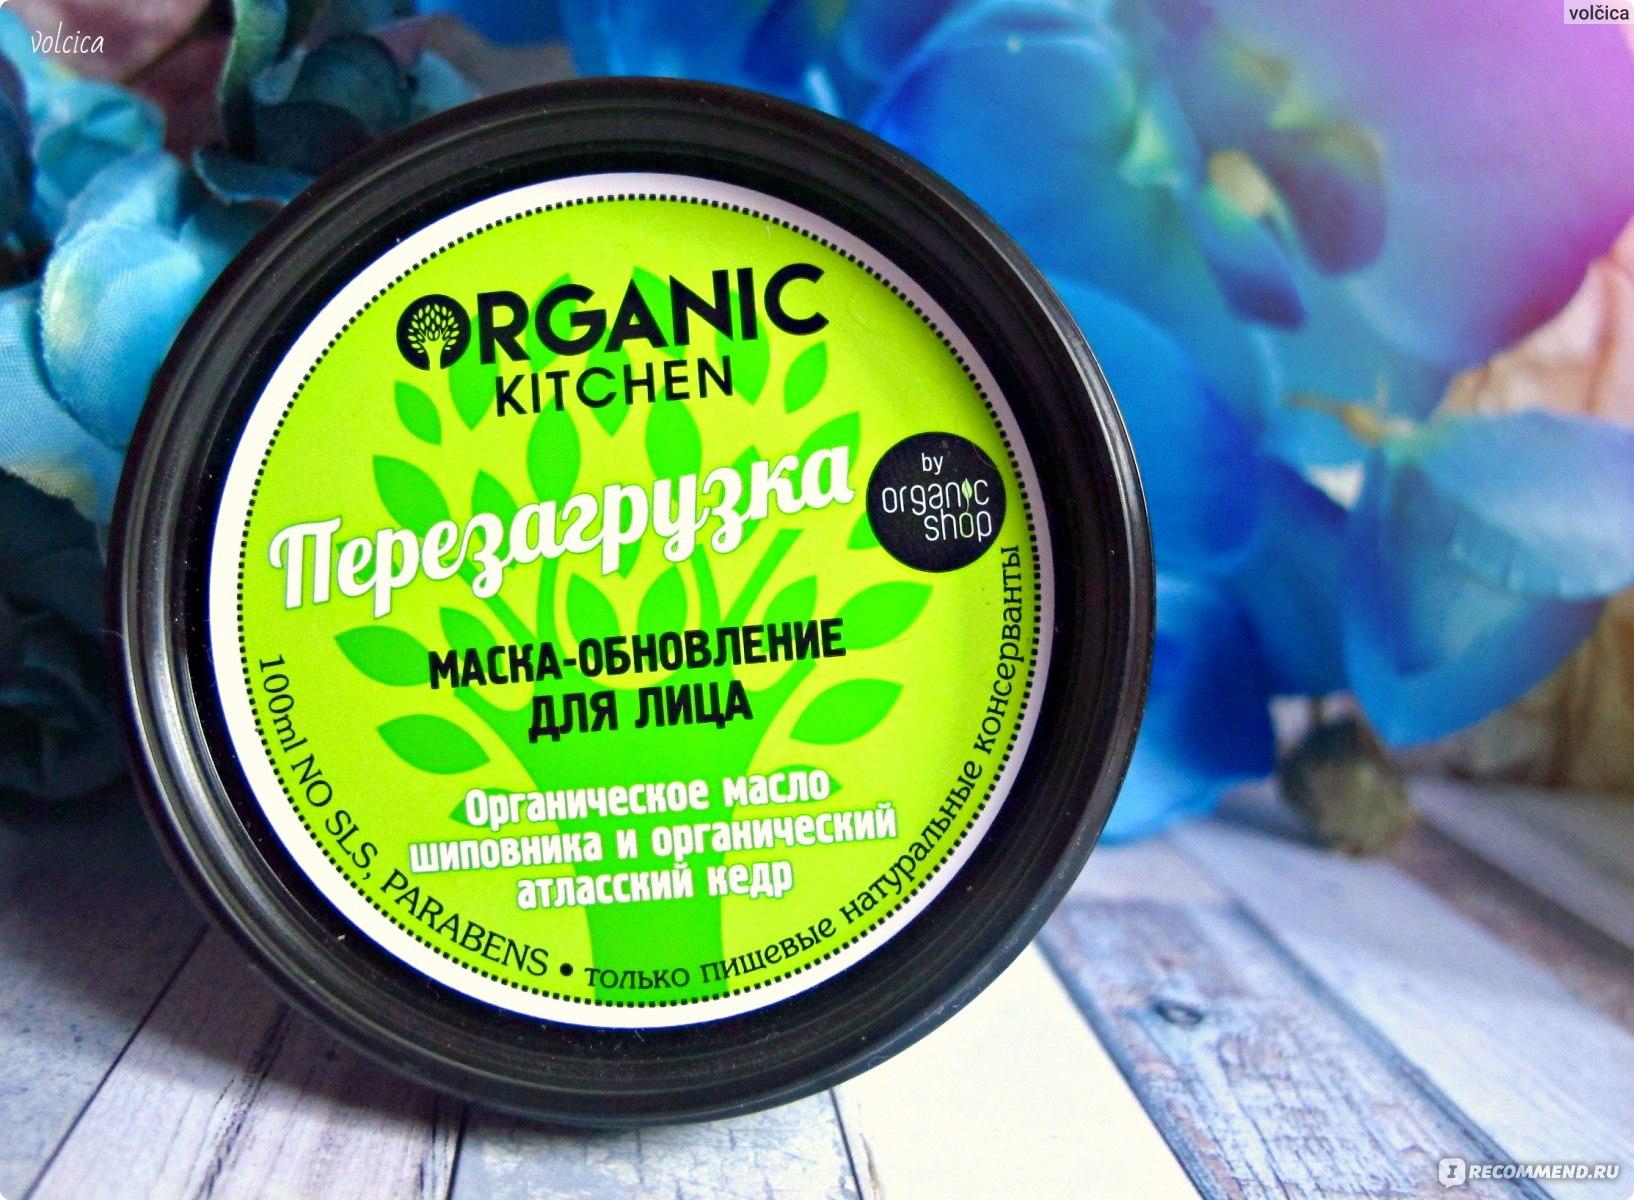 Organic kitchen маска для лица перезагрузка отзывы